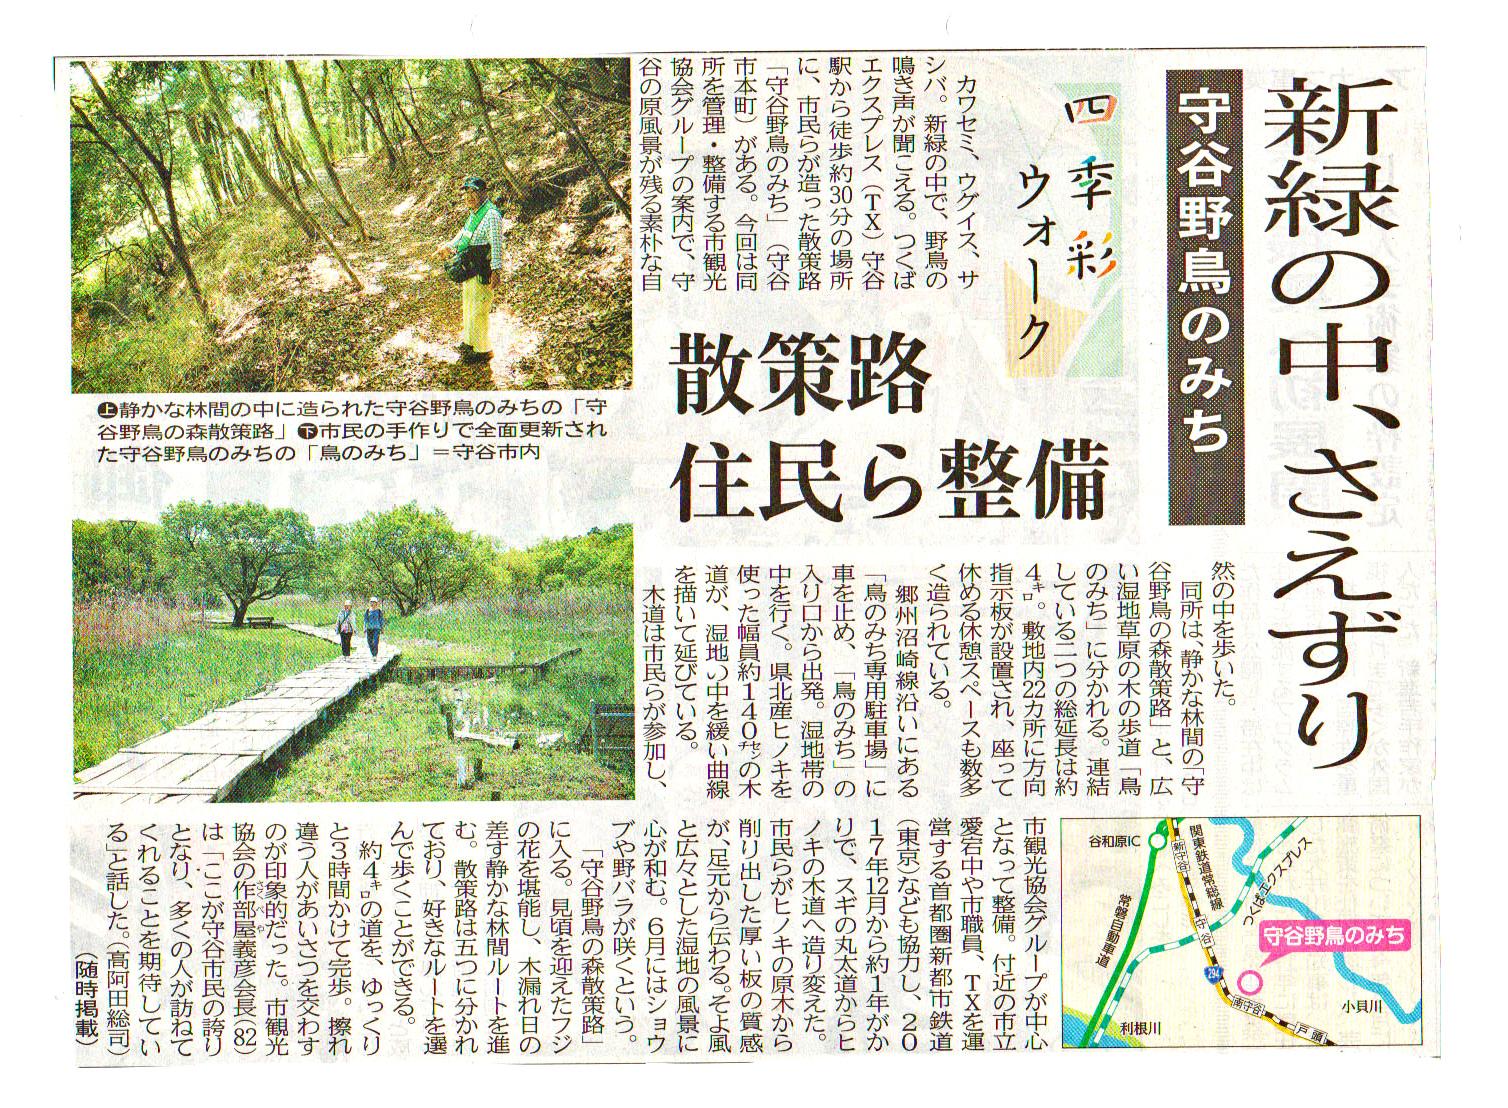 茨城新聞 5月9日の掲載記事